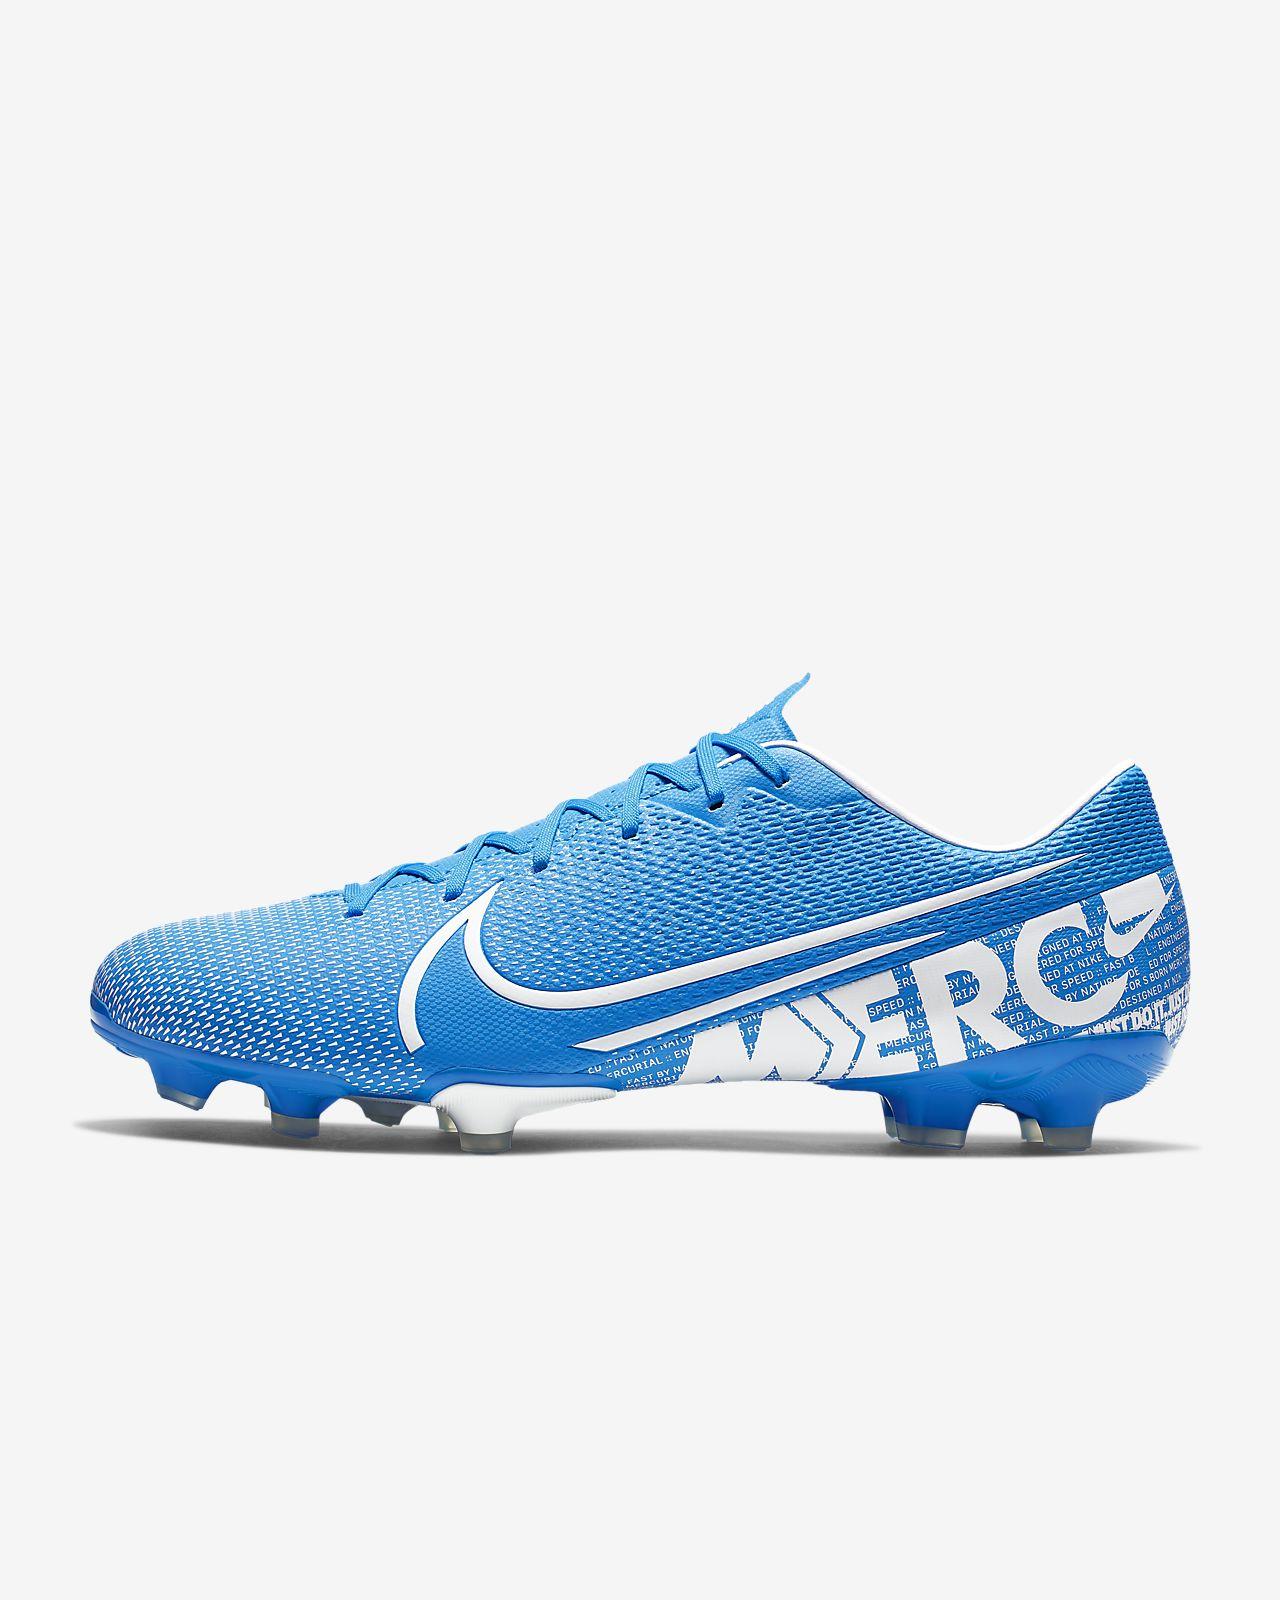 Футбольные бутсы для игры на разных покрытиях Nike Mercurial Vapor 13 Academy MG